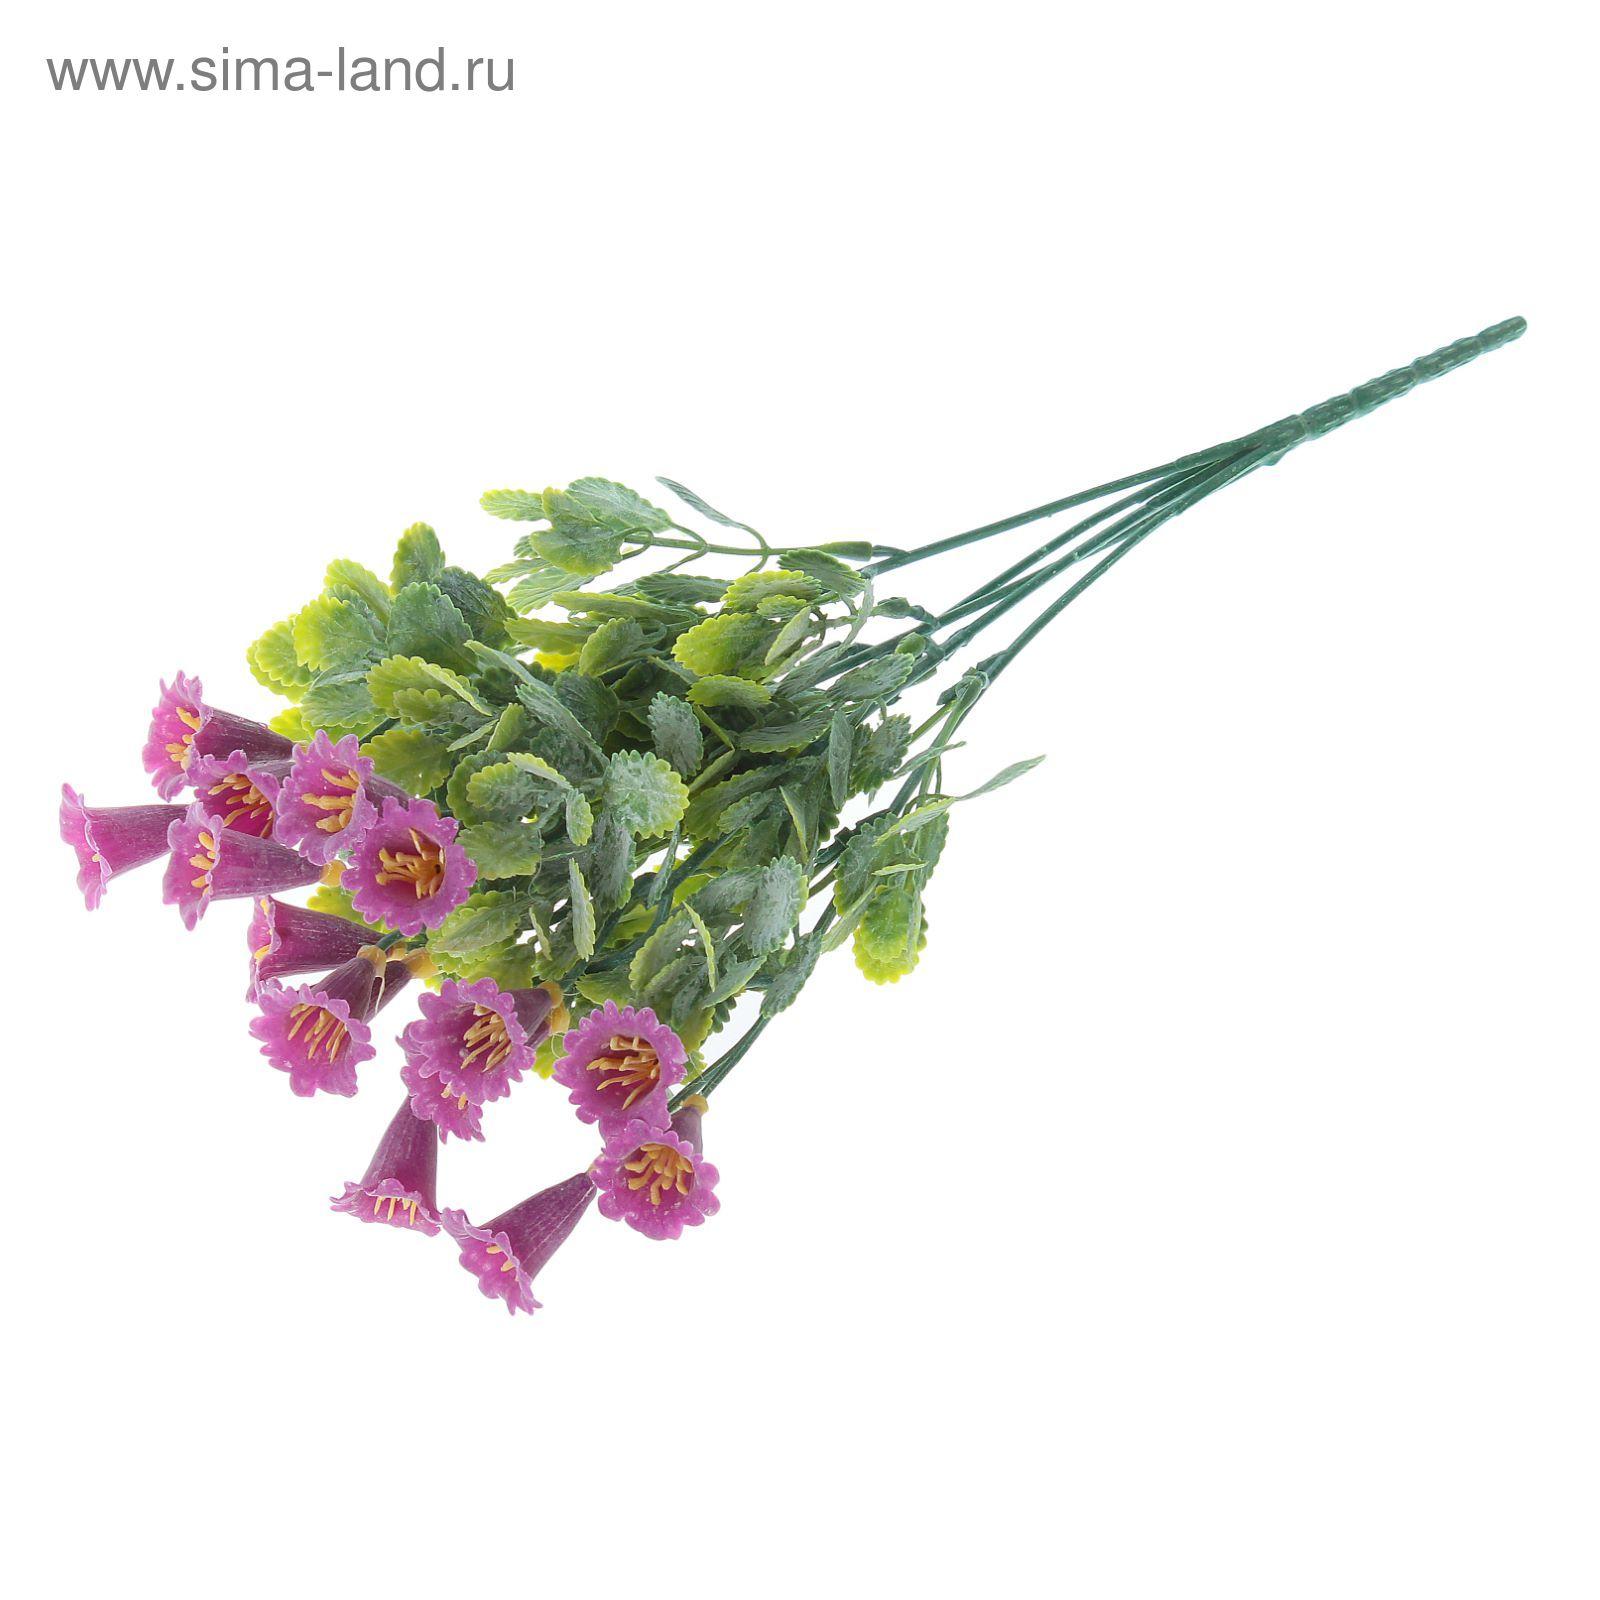 Букет колокольчики фото, какие цветы можно подарить другу женщине